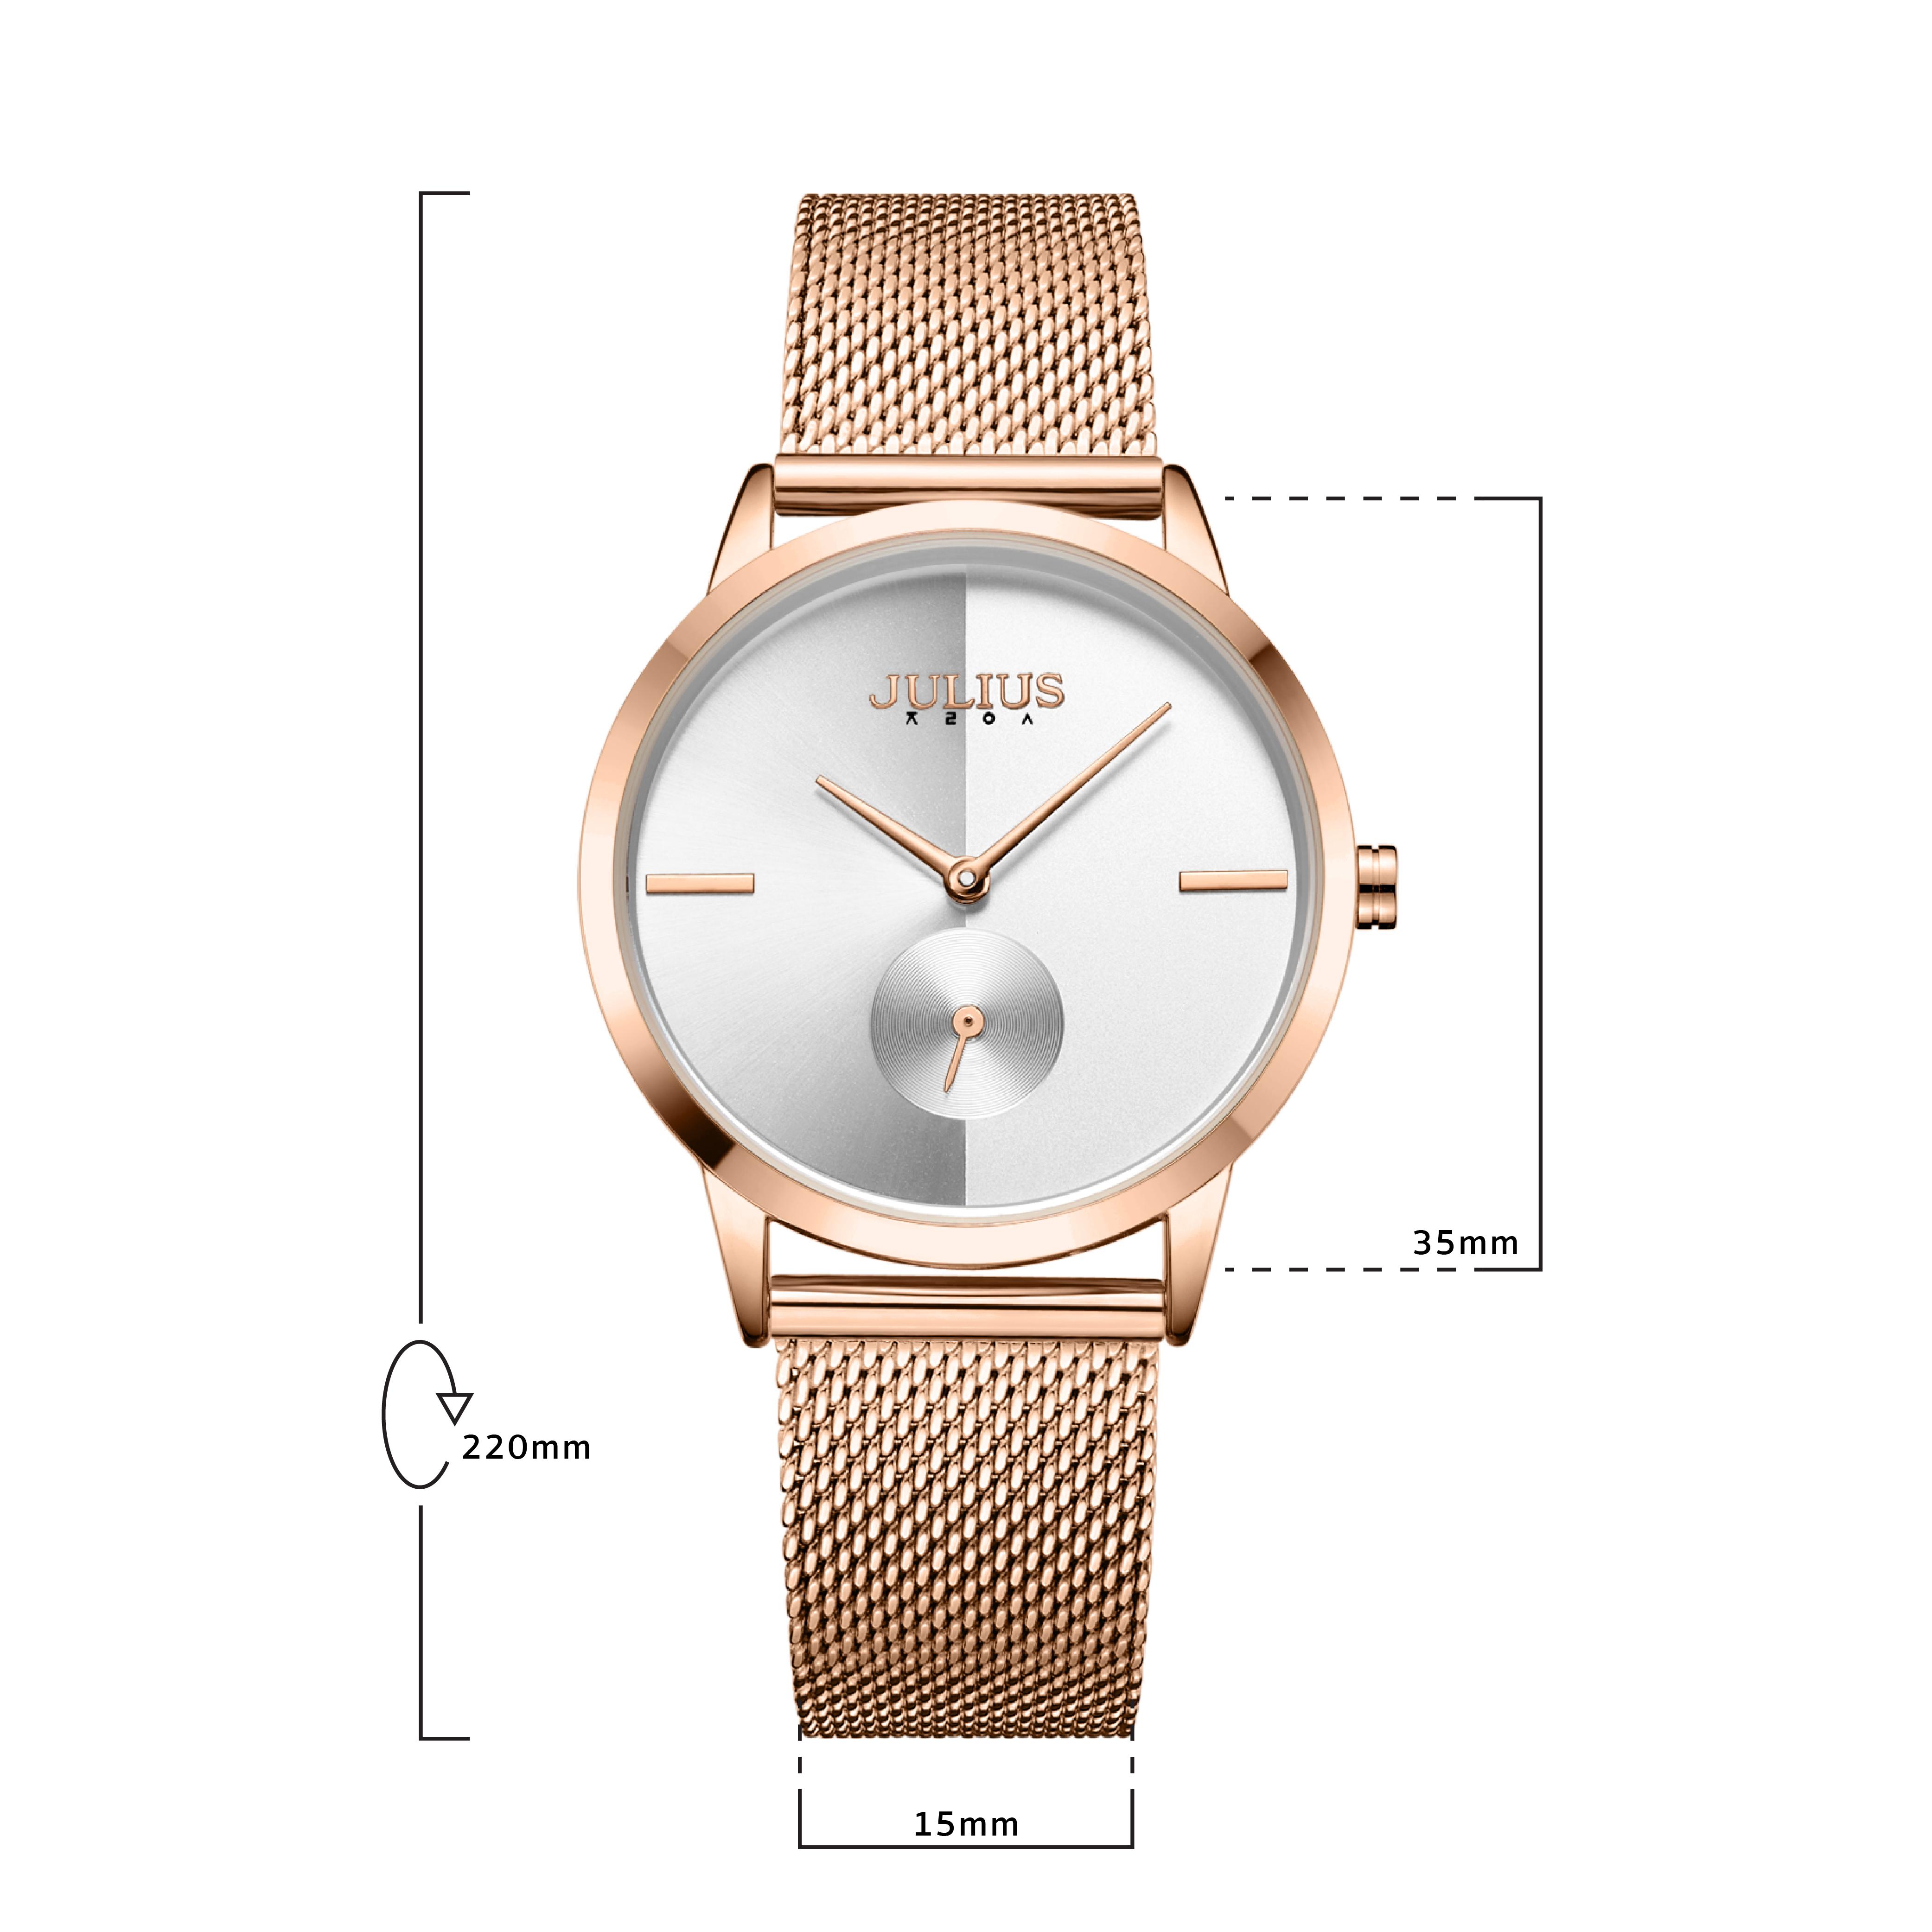 นาฬิกาข้อมือผู้หญิง JULIUS JA-1110 B